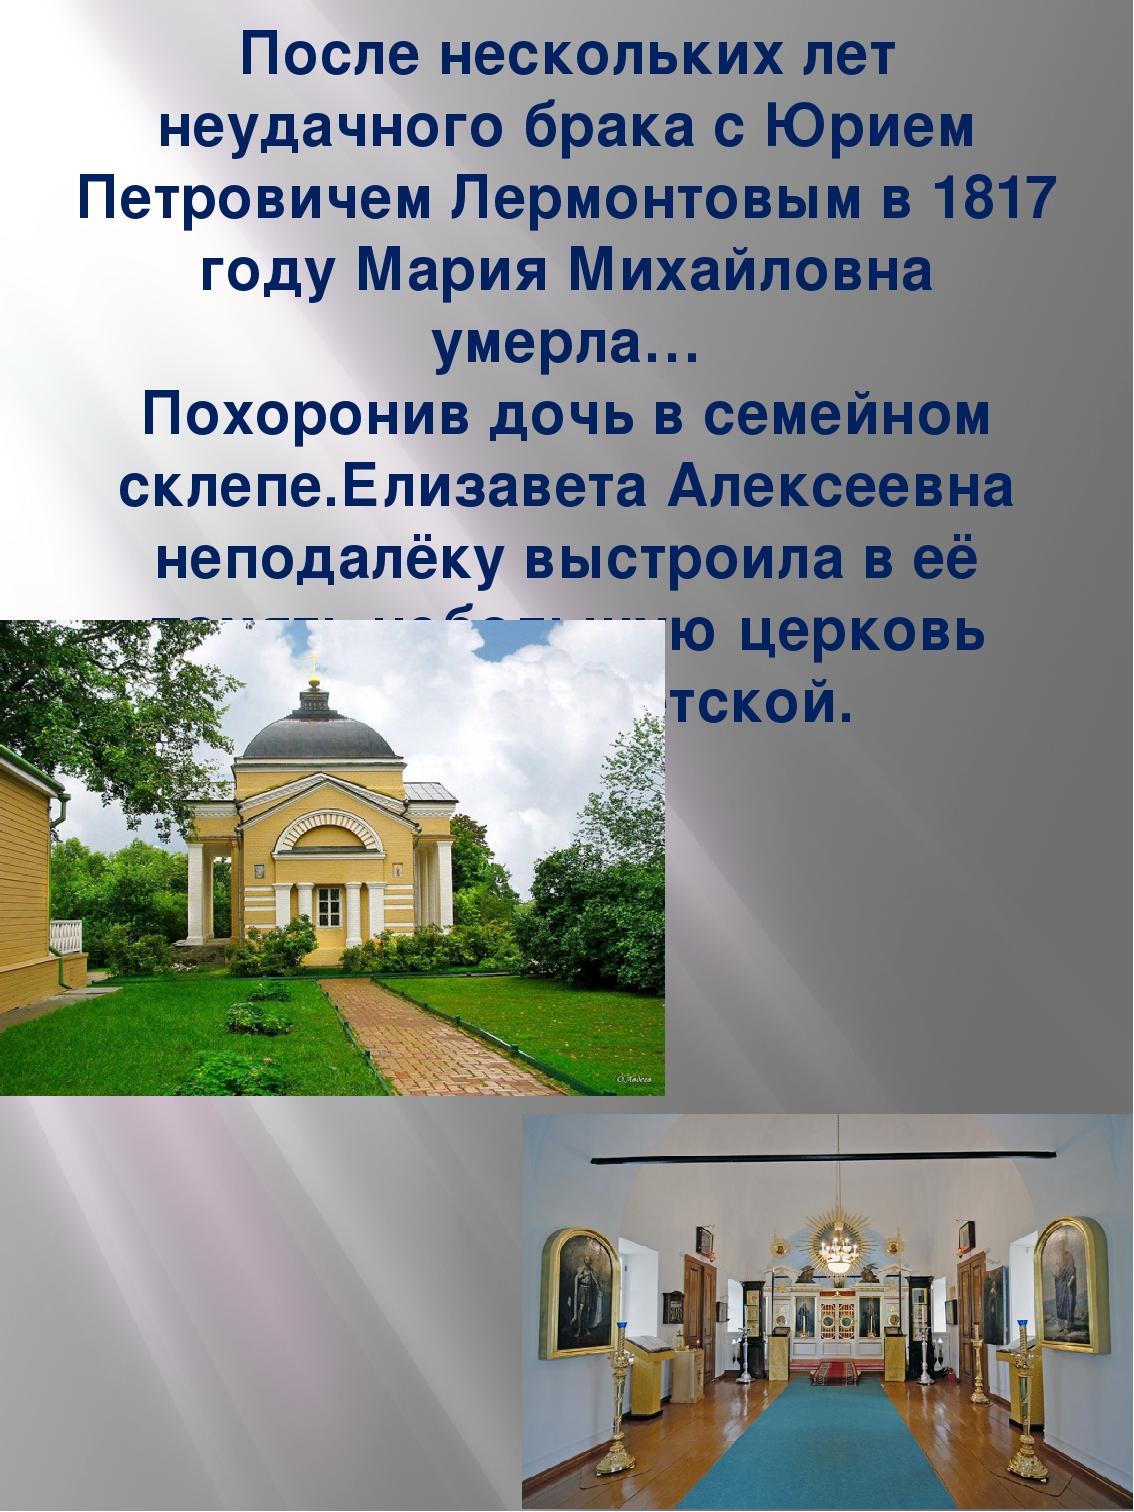 После нескольких лет неудачного брака с Юрием Петровичем Лермонтовым в 1817 г...